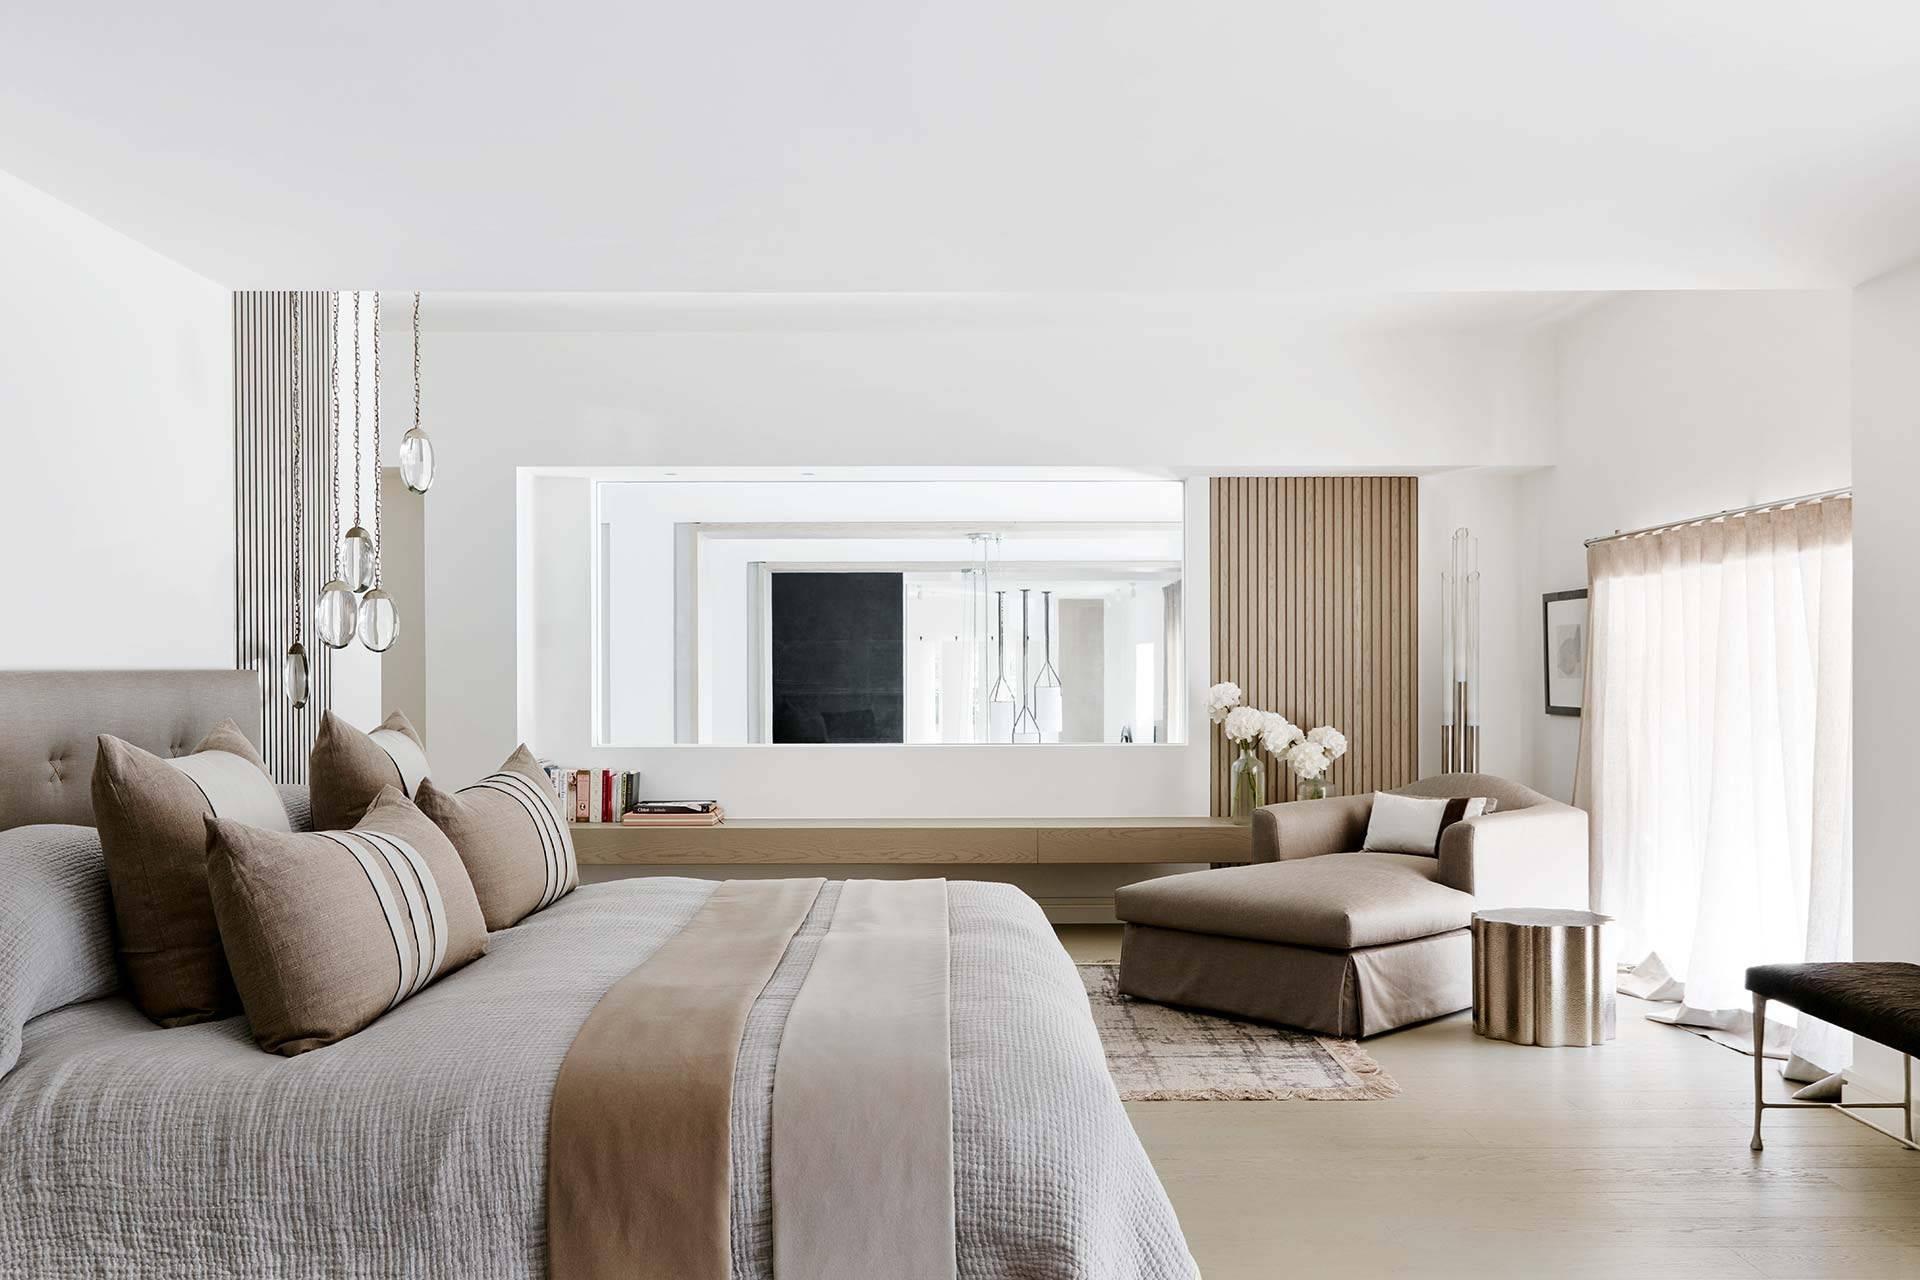 kelly hoppen interiors bedrooms | Psoriasisguru.com